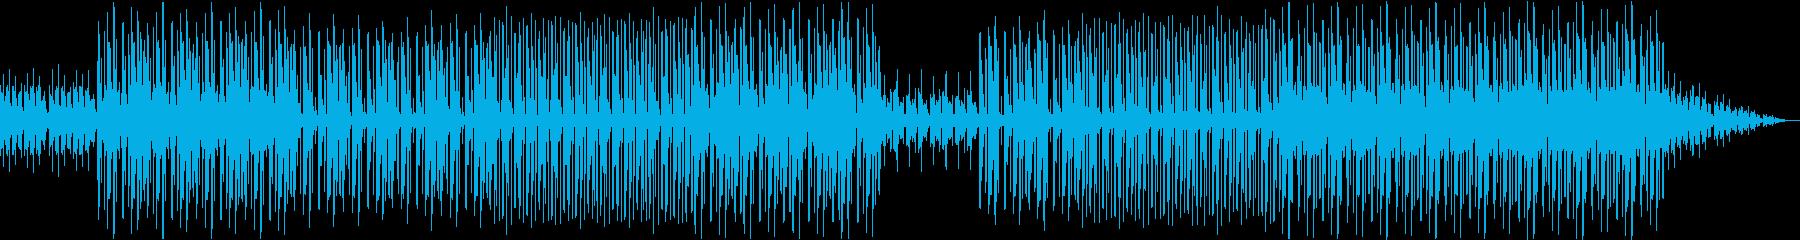 印象的なトランペットのヒップホップビートの再生済みの波形